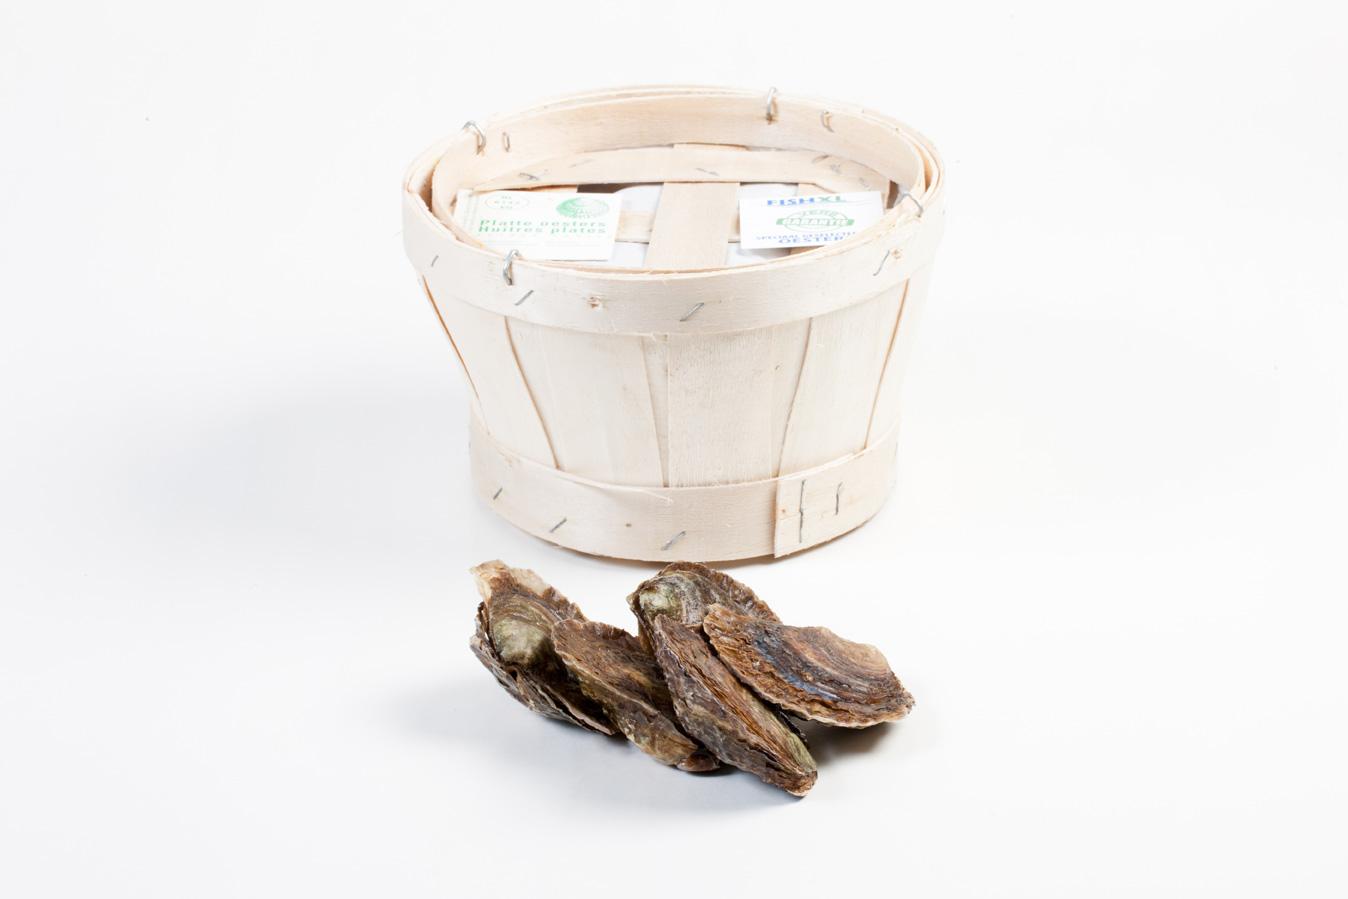 Groothandel-vis-FishXL-schelpdieren-zeeuwse-platte-oesters_WL_9837